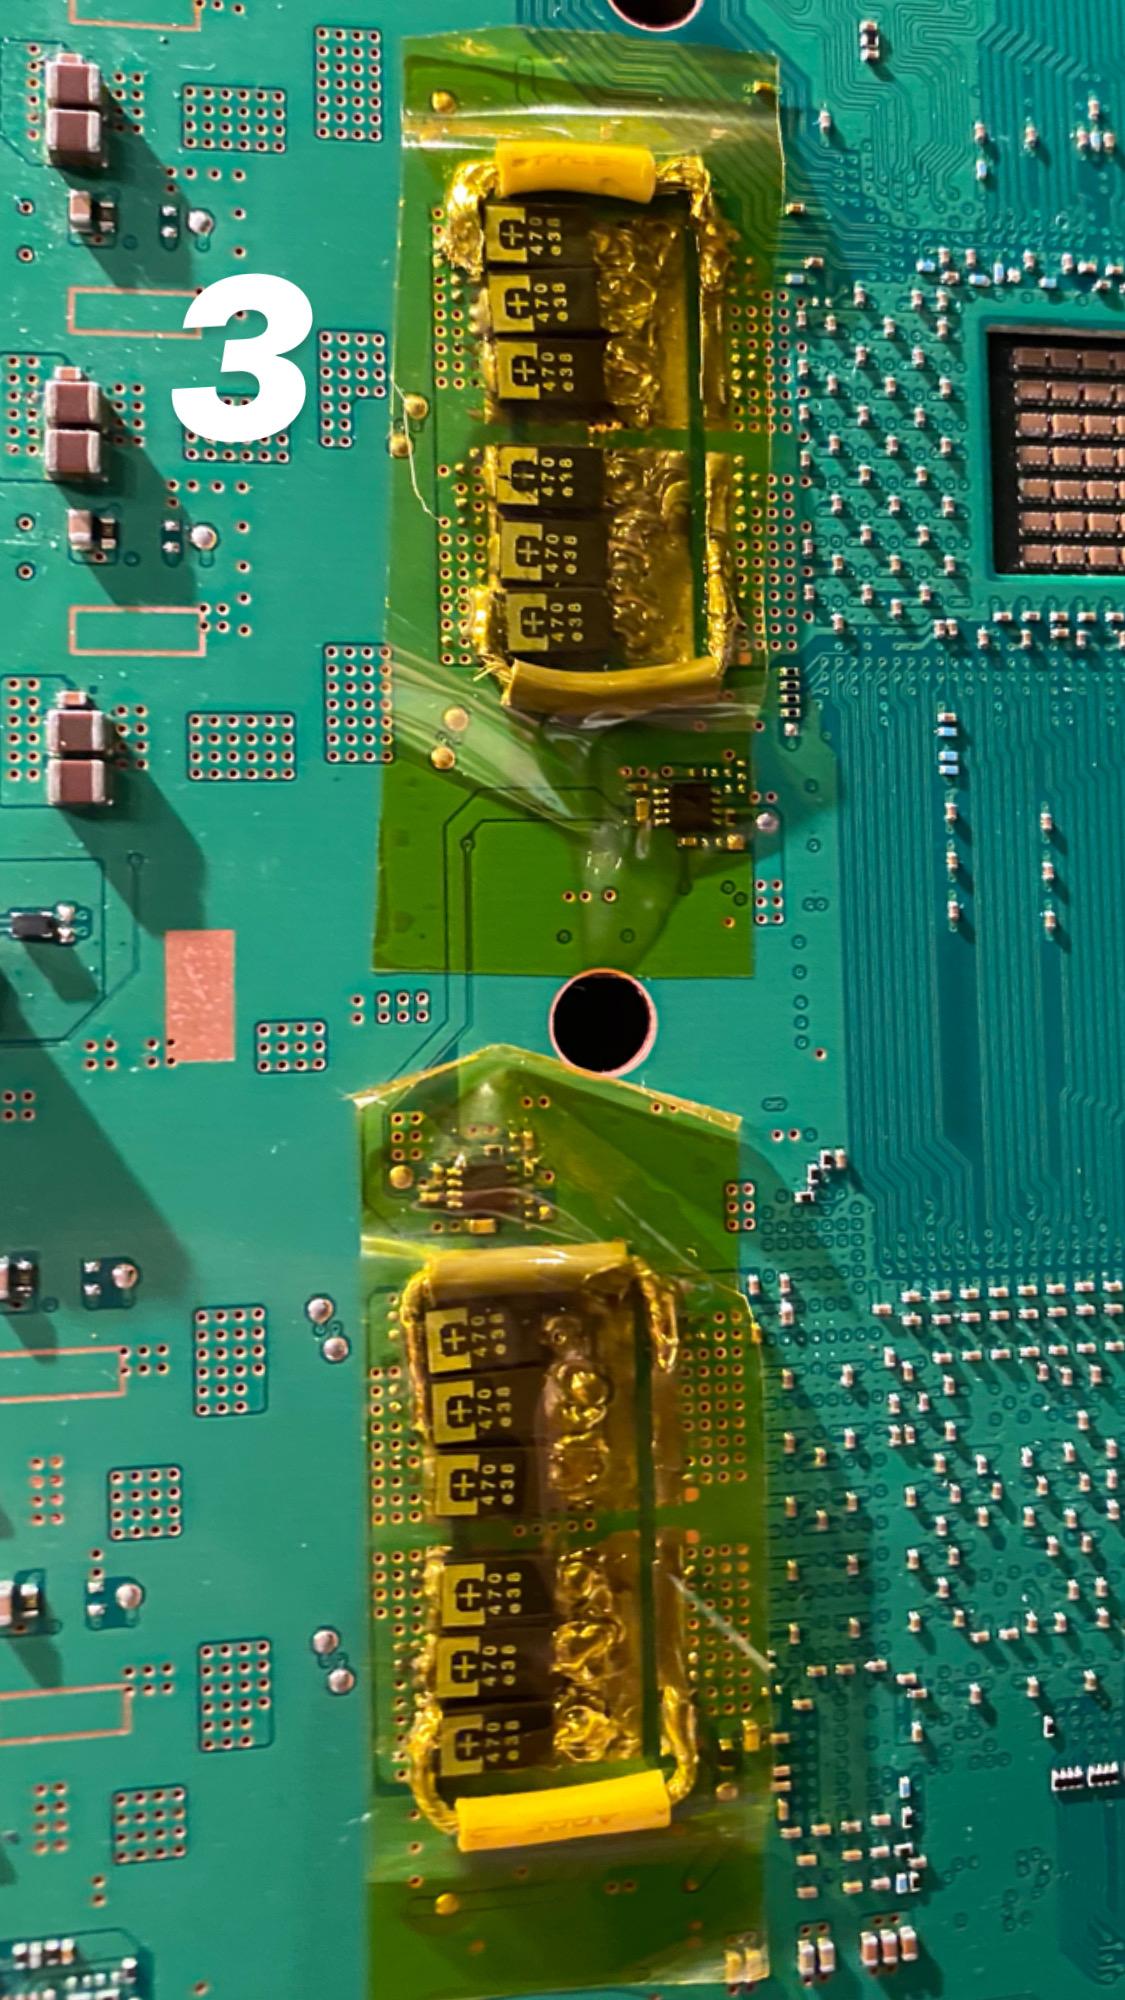 BDD532AC-9241-4F5A-8339-11A094C32421.jpeg